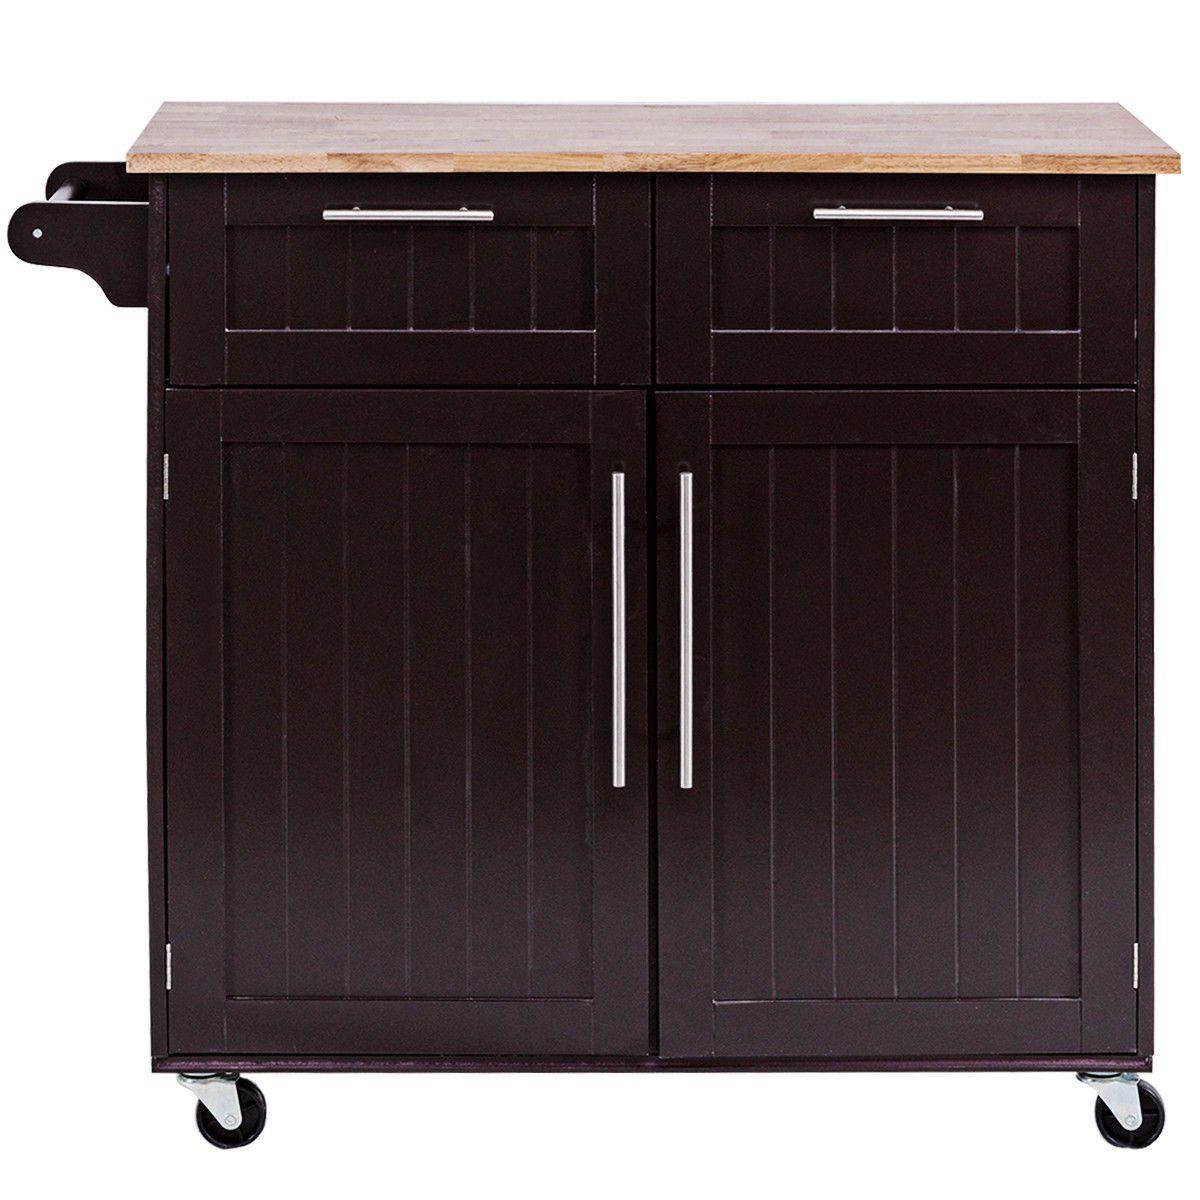 Costway Rolling Kitchen Cart Island Heavy Duty Storage Trolley Cabinet Utility Modern Walmart Com In 2020 Simple Kitchen Cabinets Kitchen Roll Kitchen Cabinet Doors